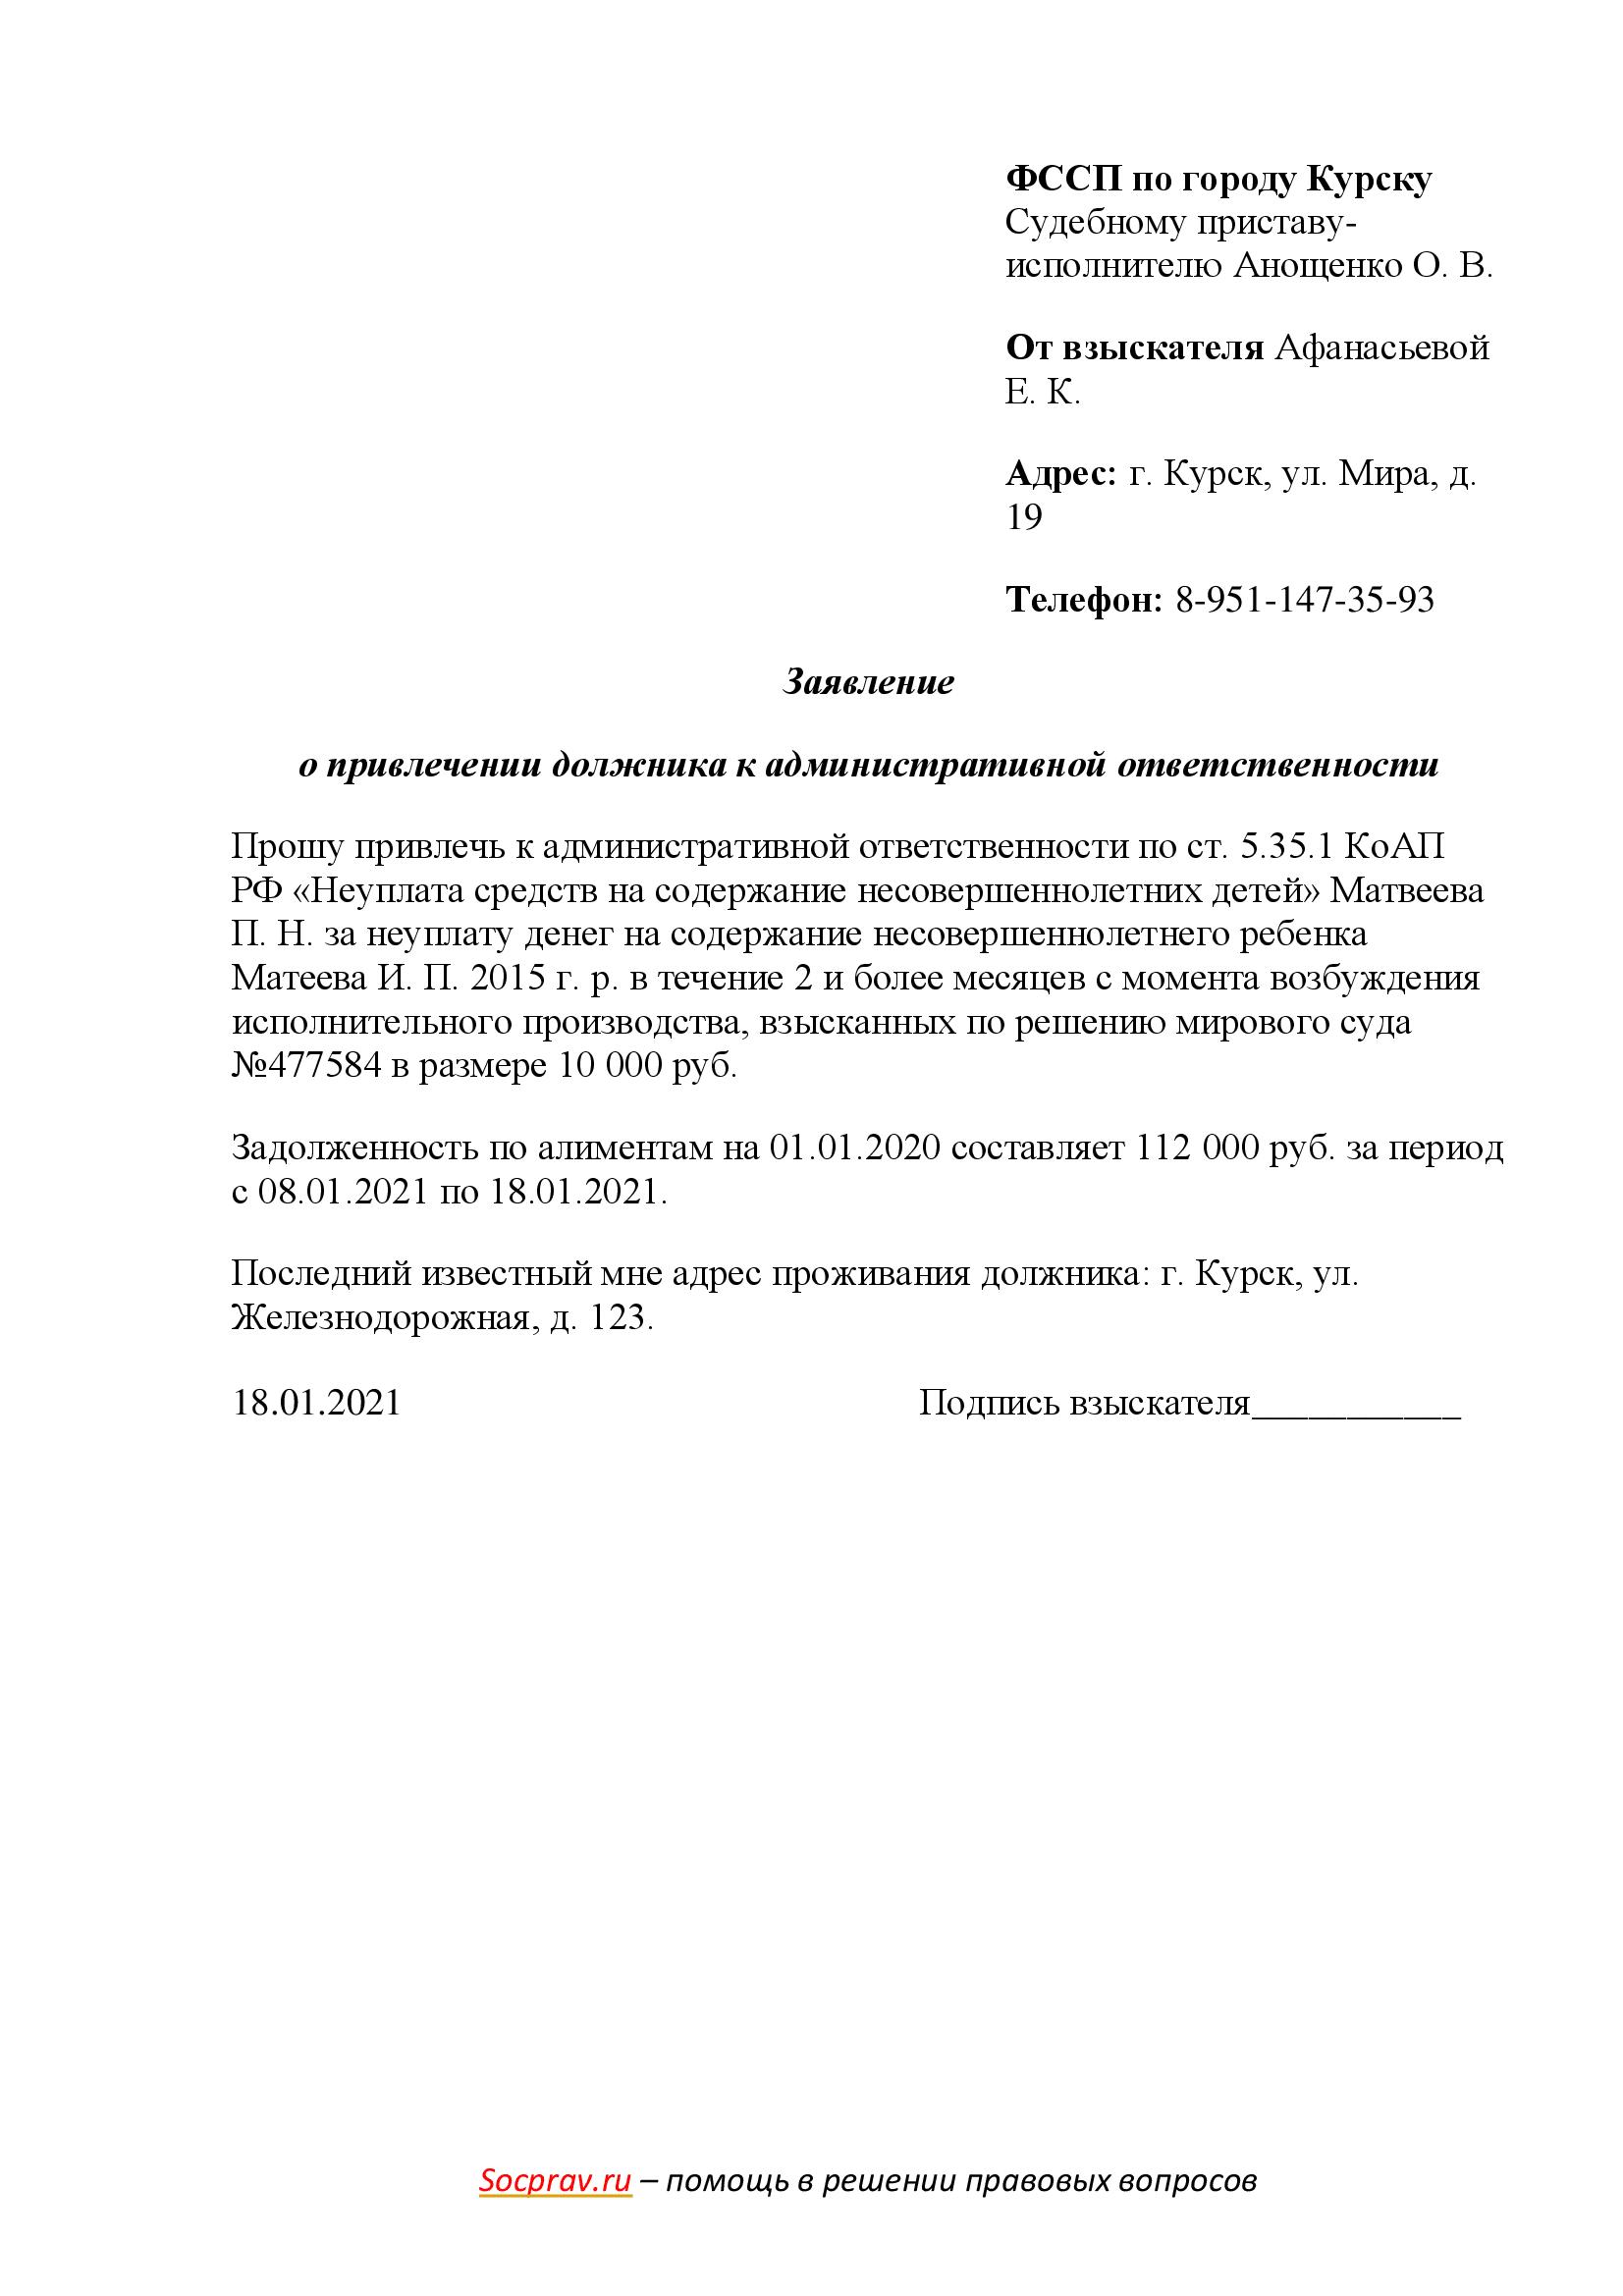 Образец заявления о привлечении должника к административной ответственности